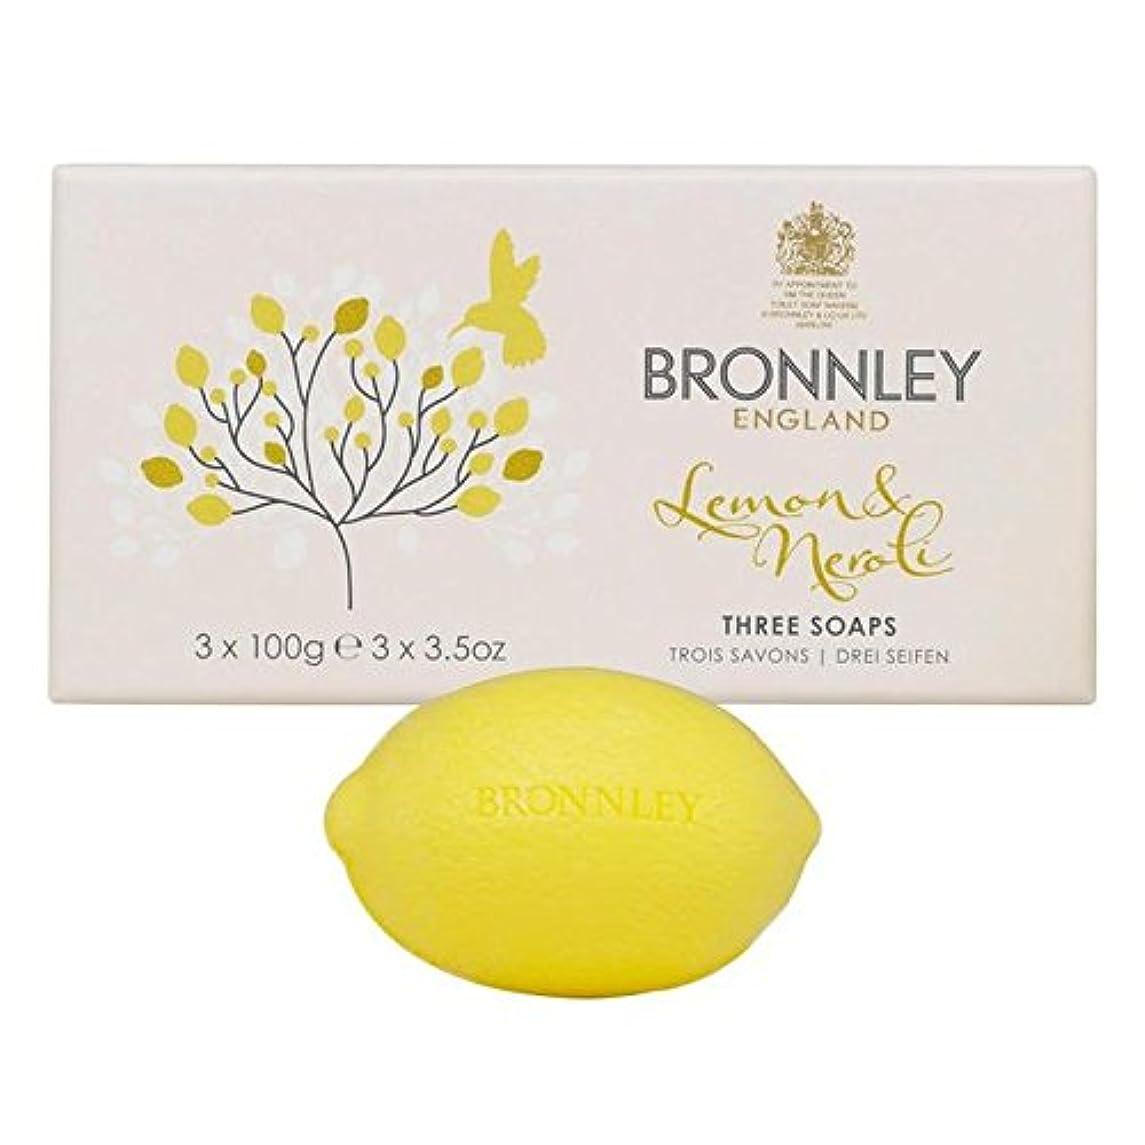 ジョリー硬さ受取人Bronnley Lemon & Neroli Soaps 3 x 100g (Pack of 6) - レモン&ネロリ石鹸3×100グラム x6 [並行輸入品]